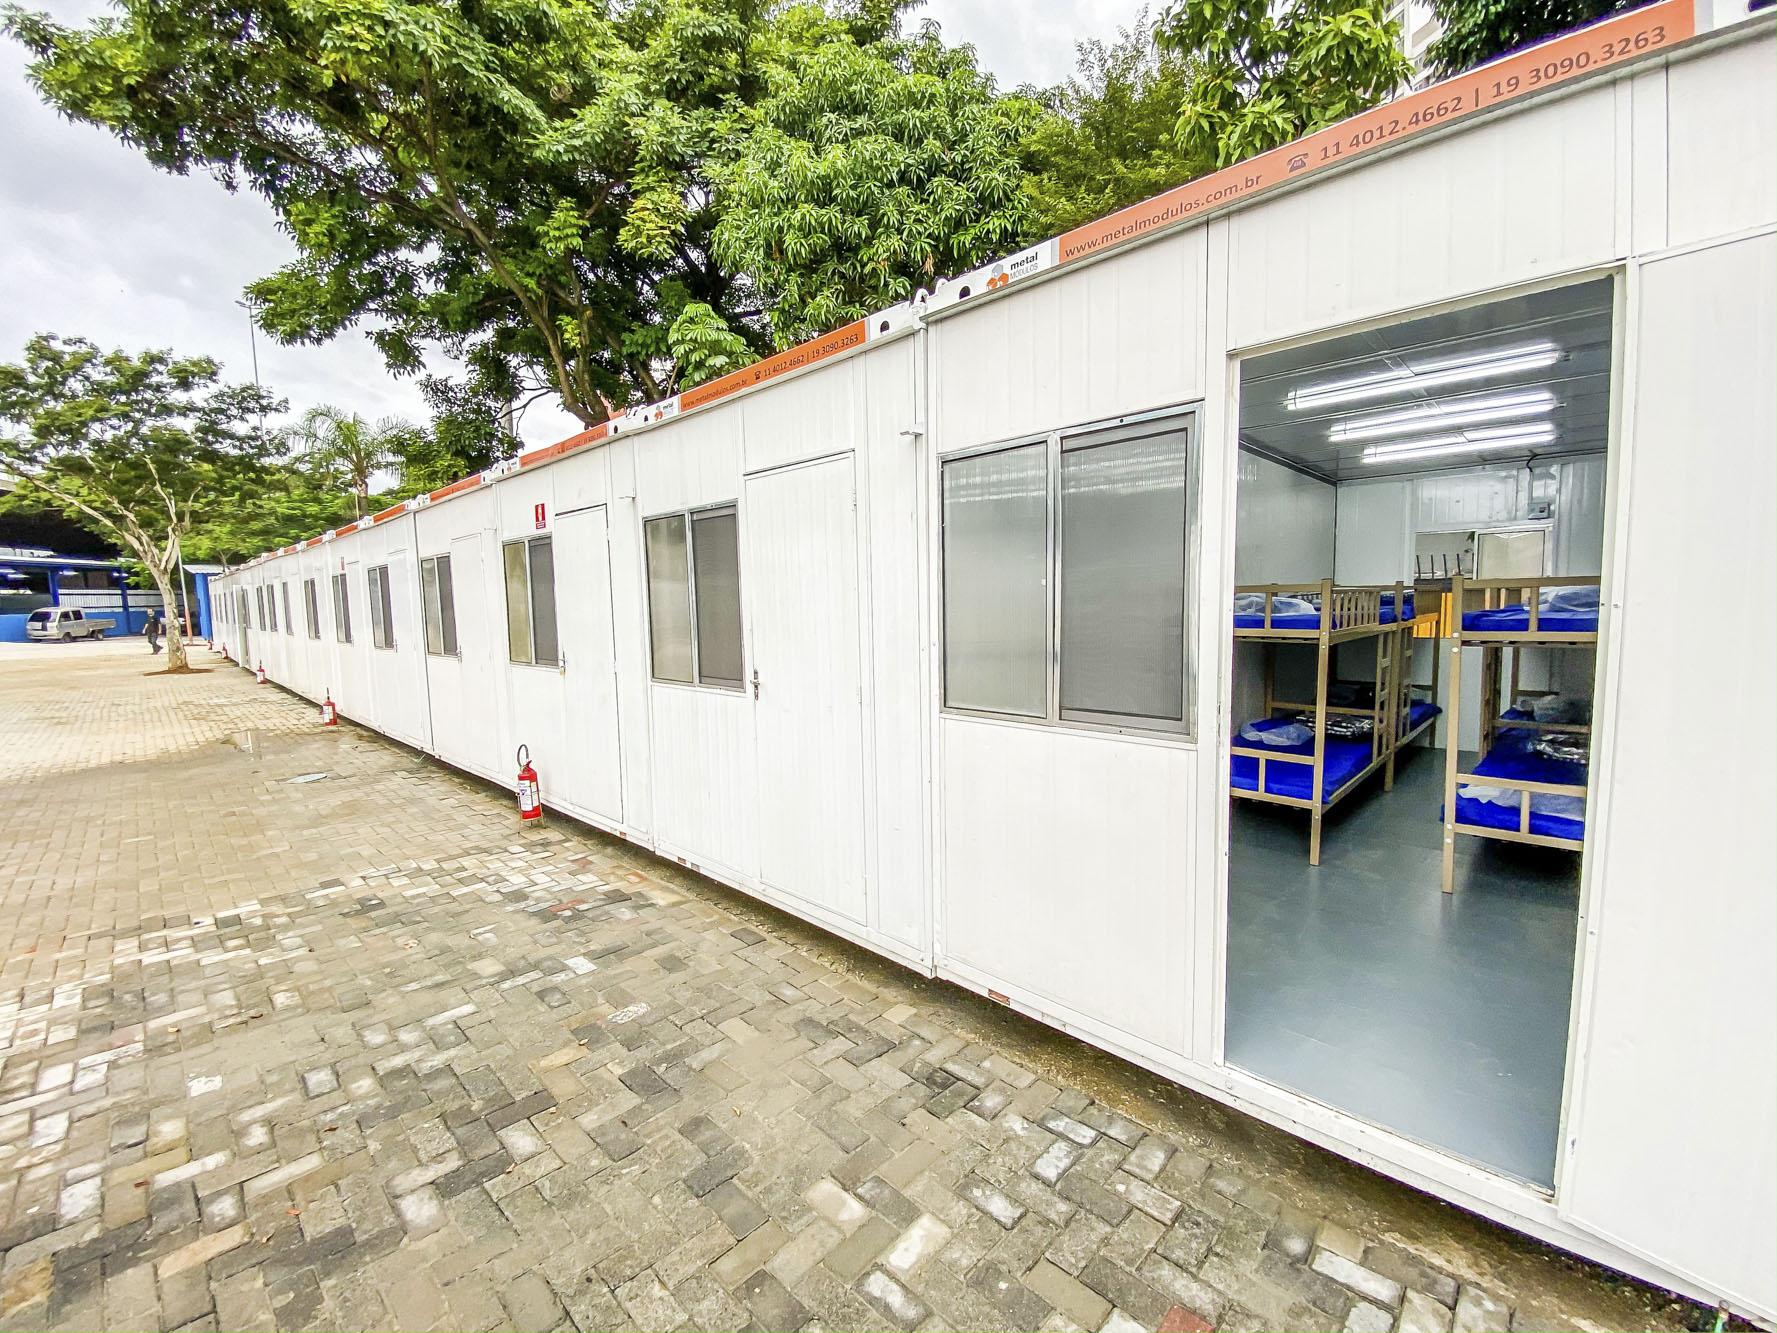 Vagas em centros de acolhida estão sendo ampliadas na cidade para atender população vulnerável (Crédito: Divulgação Prefeitura)